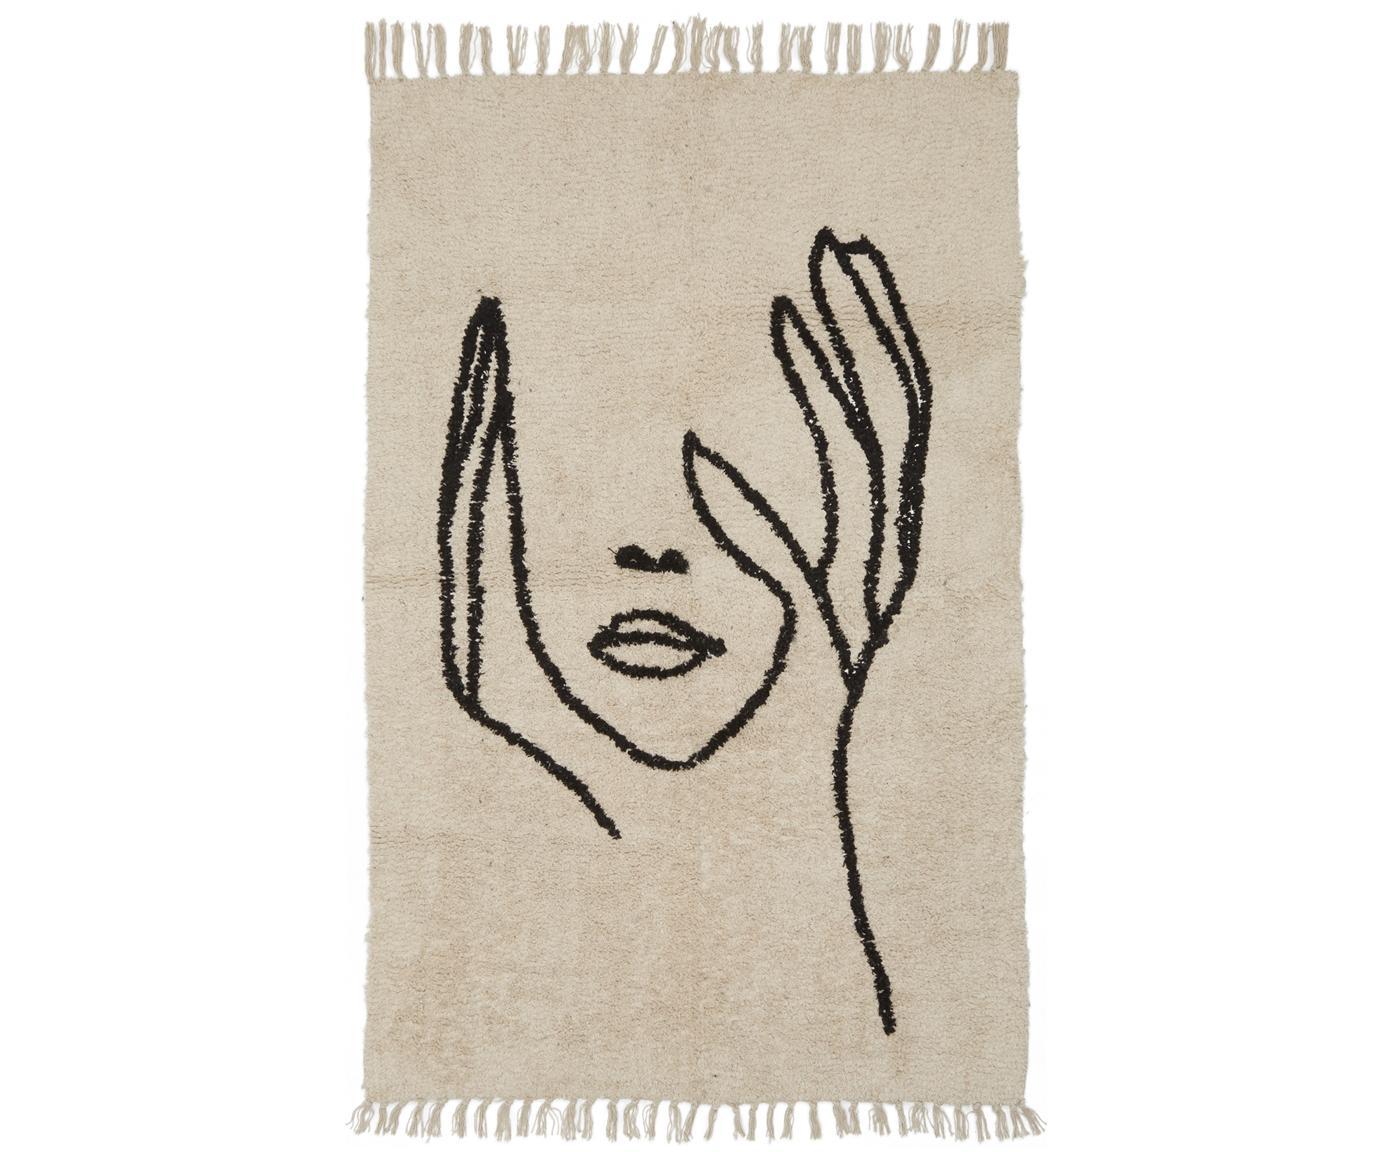 Teppich Face mit abstrakter Zeichnung, Beige, Schwarz, B 100 x L 150 cm (Grösse XS)